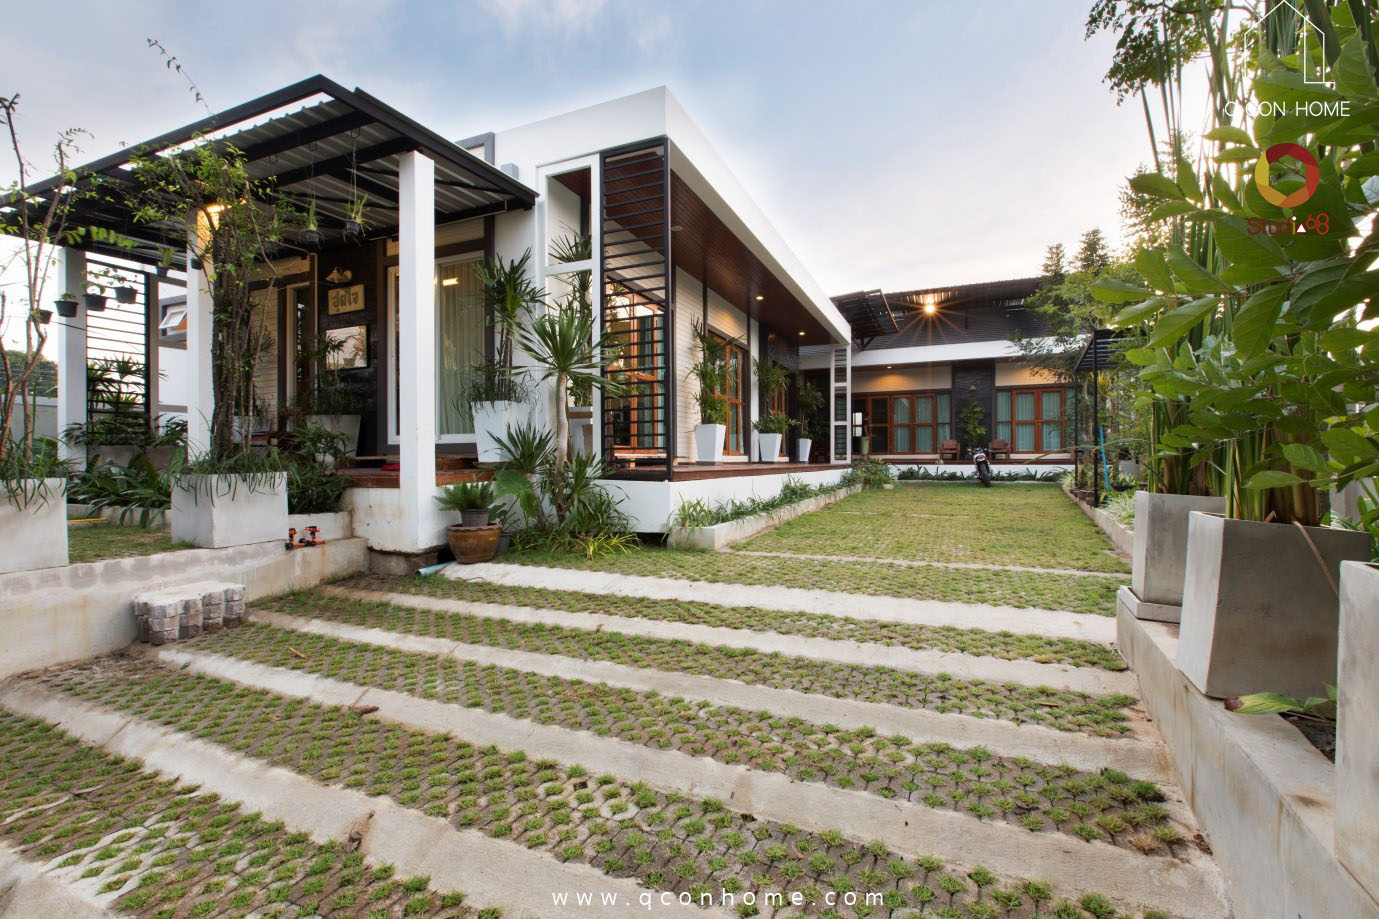 L-shape-house-7-architecture-qconhome-contractor